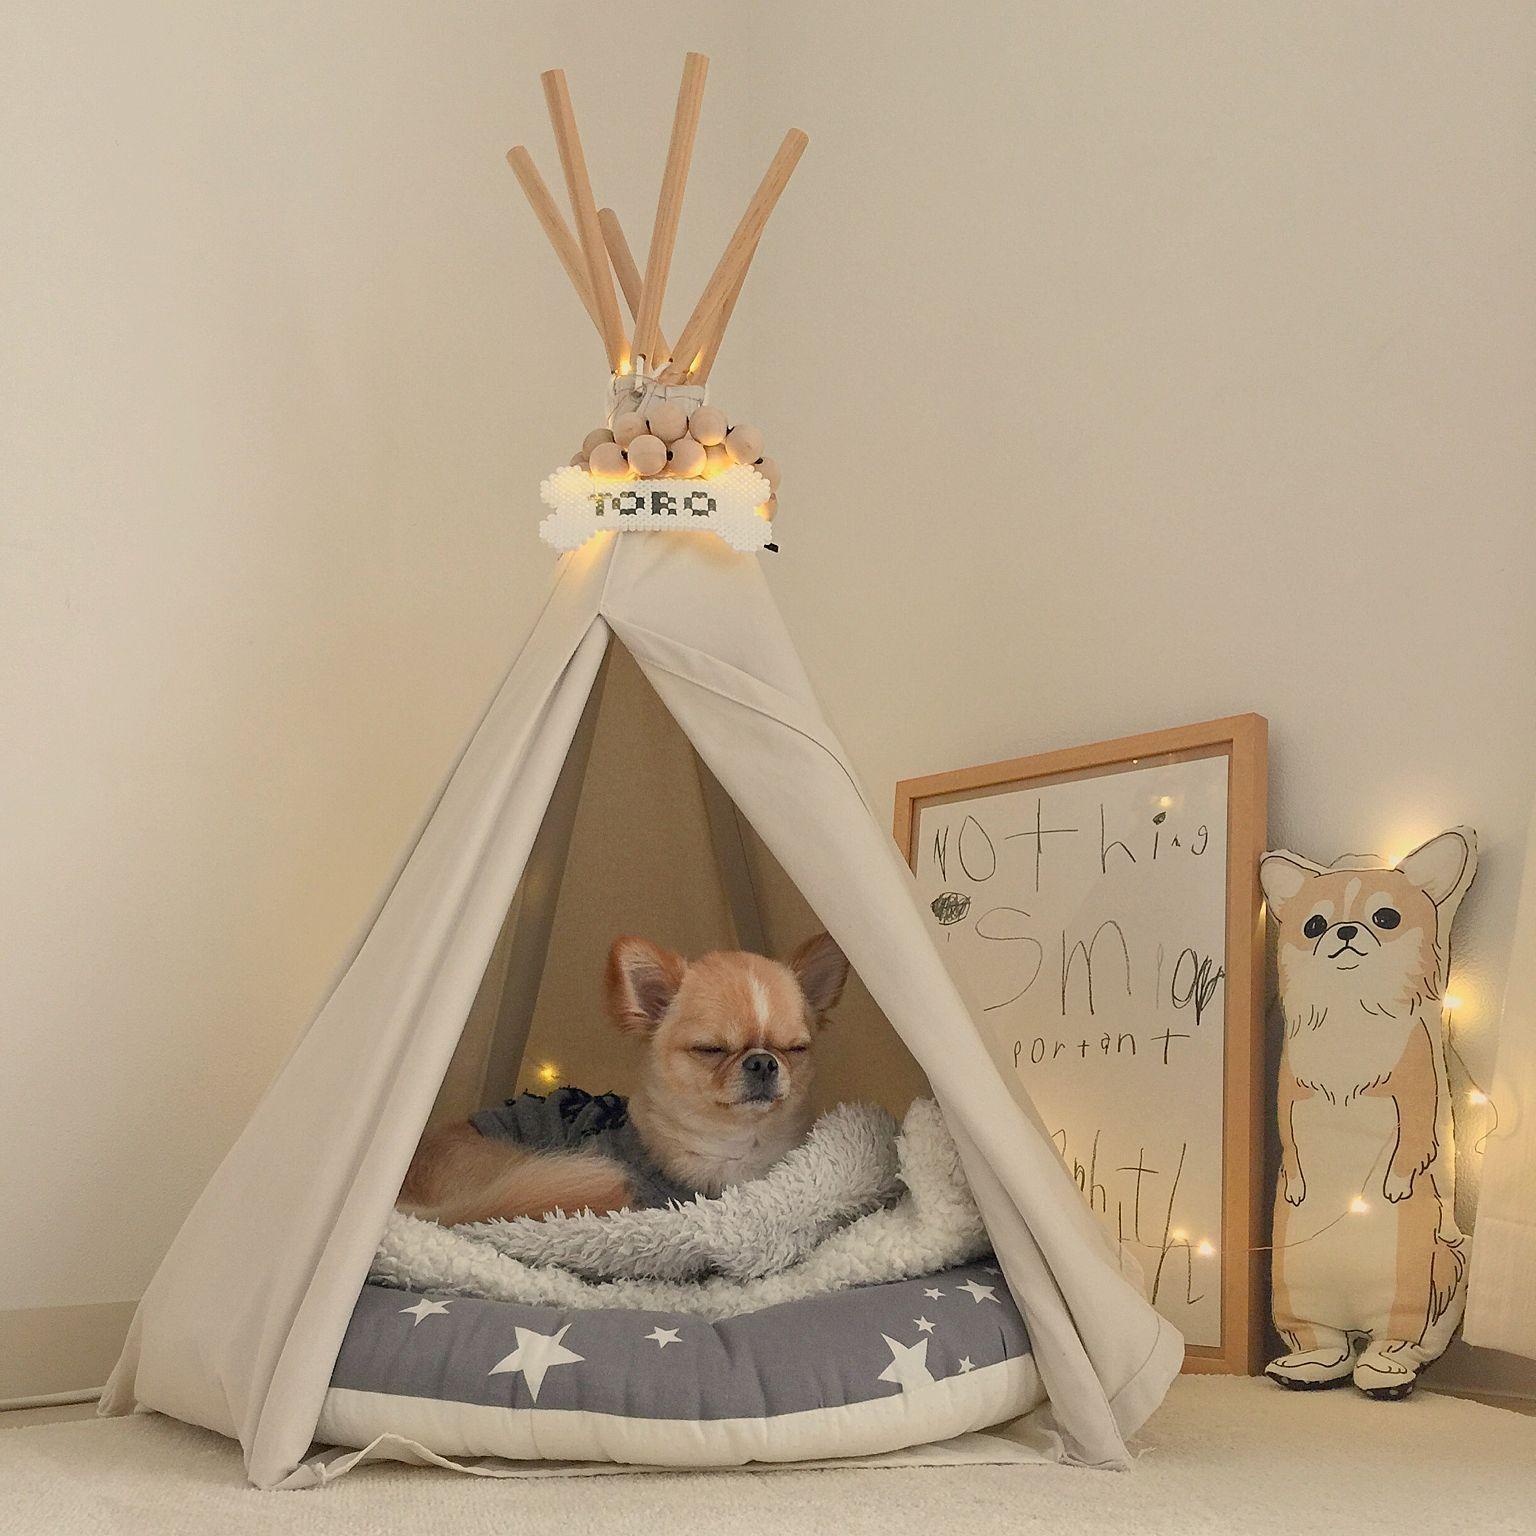 可愛くって仕方ない ペットと一緒に住む 一緒に暮らすためのインテリアコーデ集 Folk ペットと暮らすインテリア ペット ドッグベッド